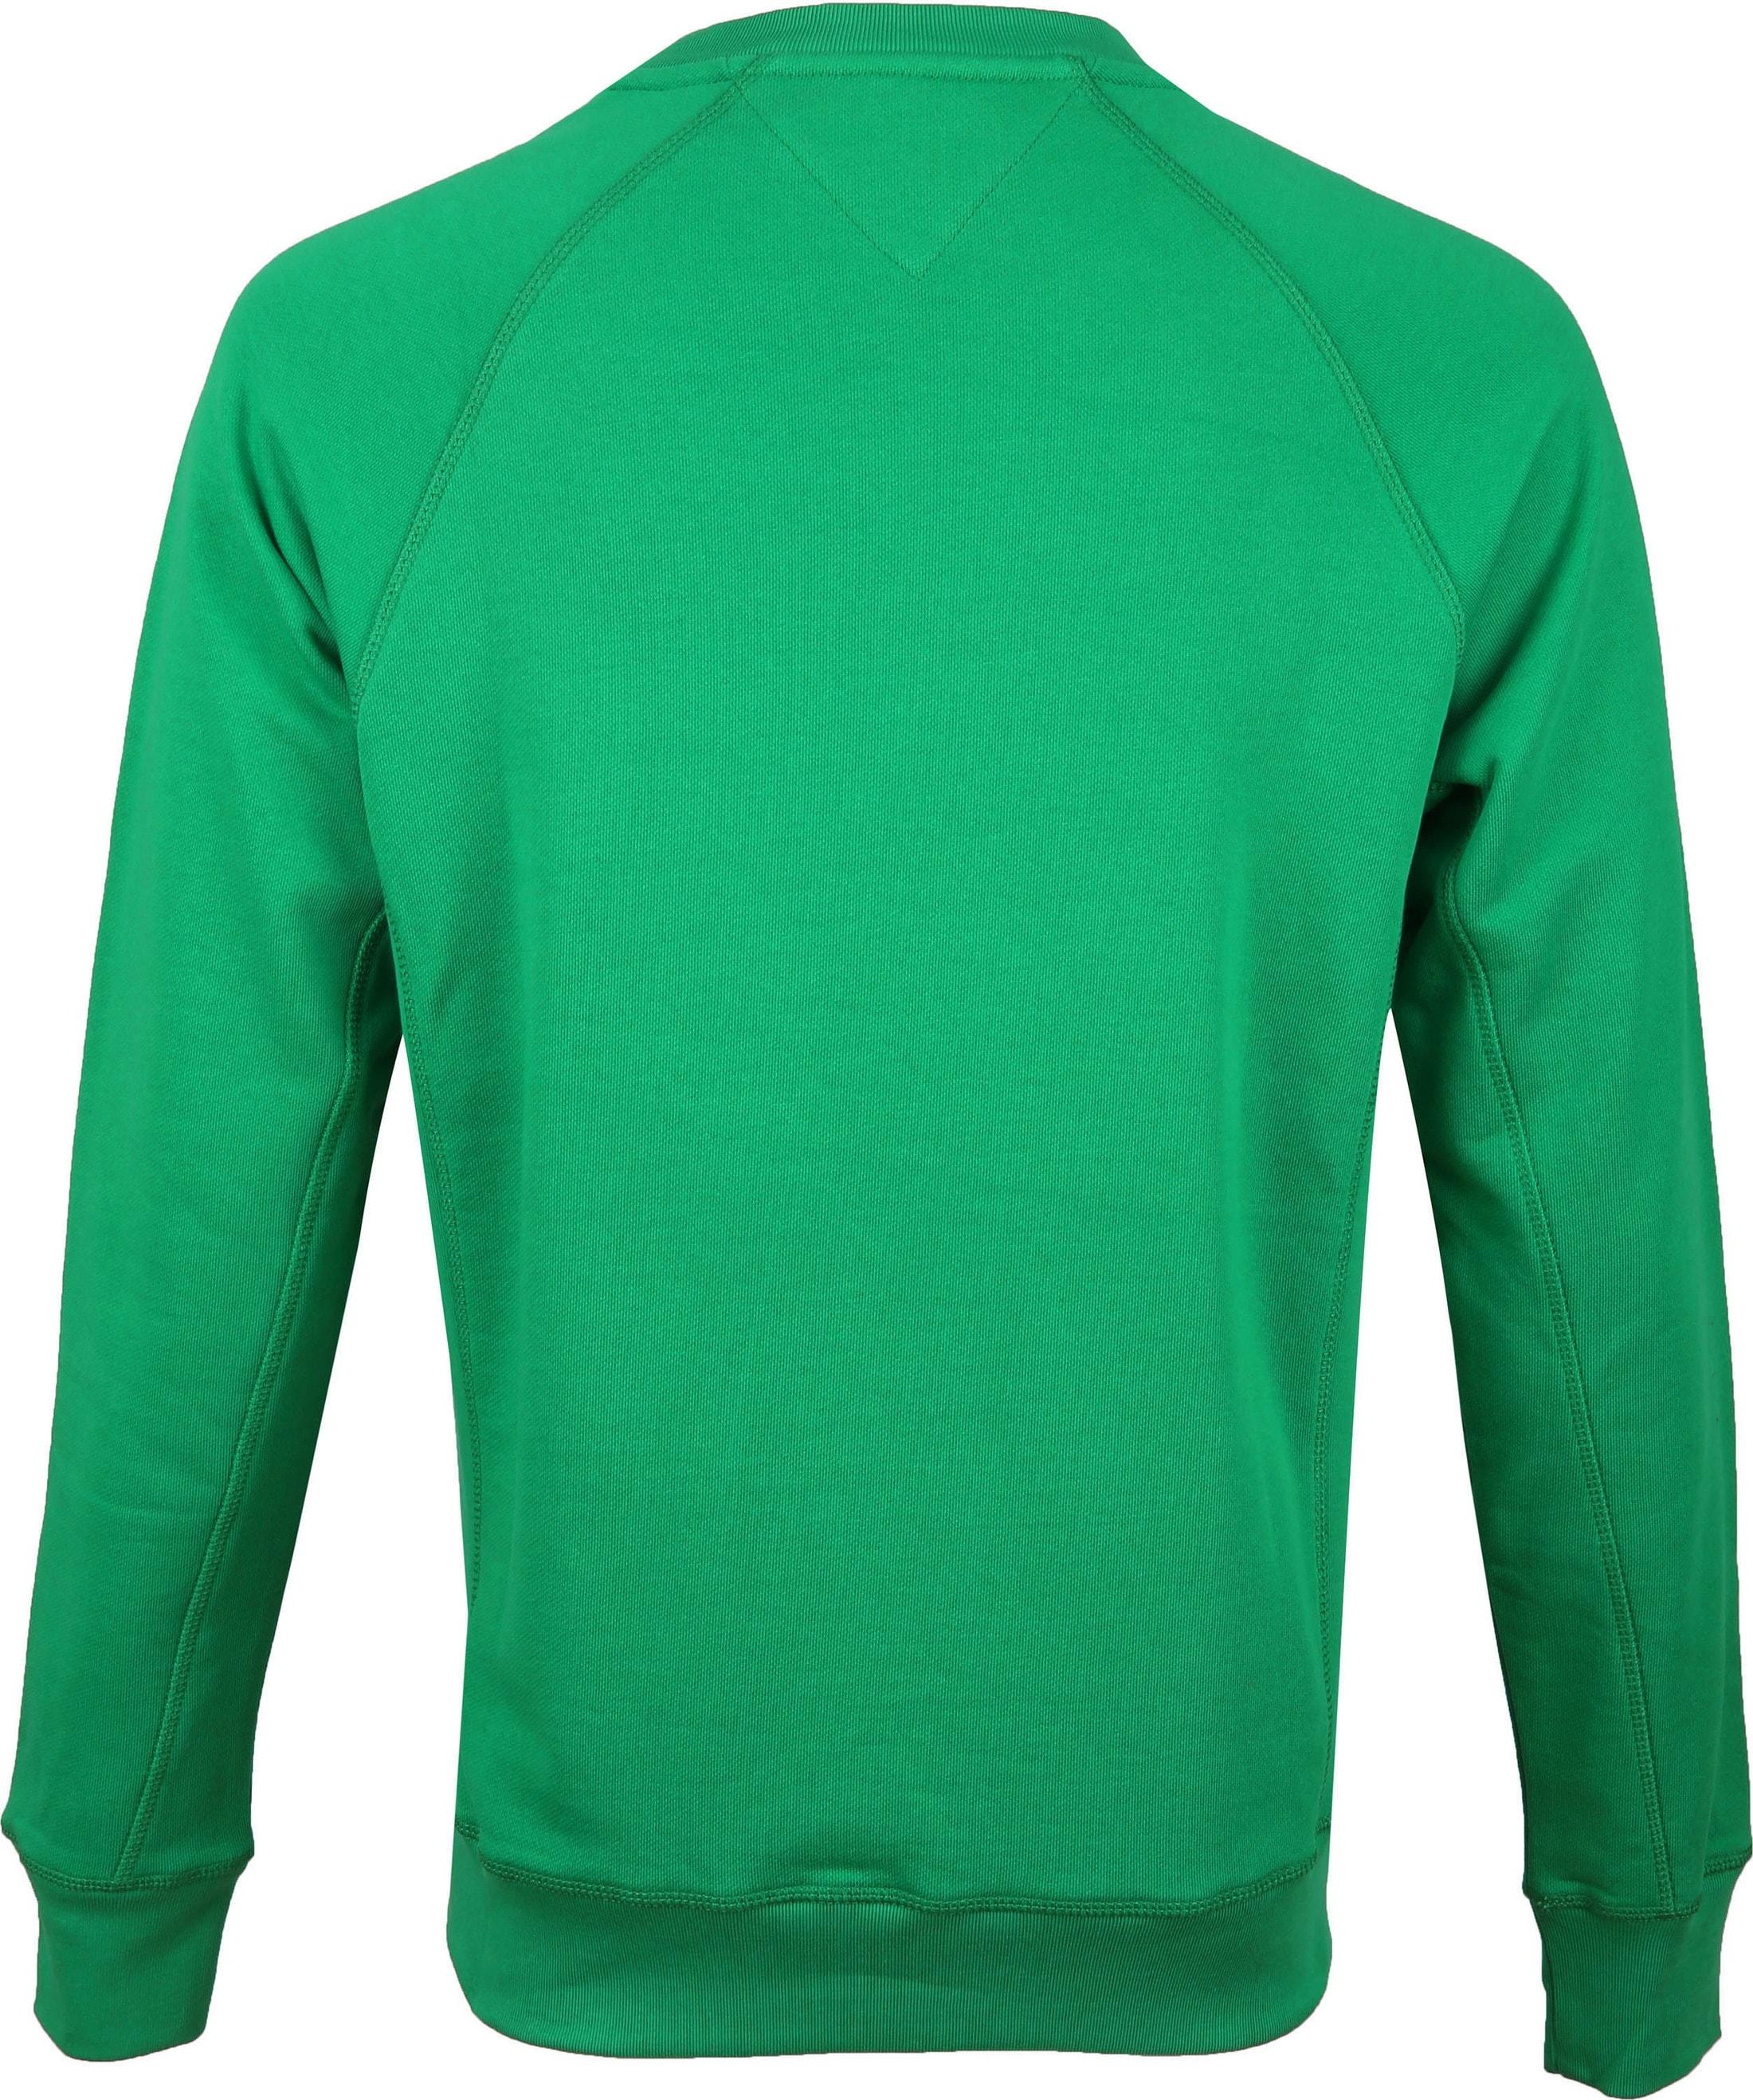 Tommy Hilfiger Sweater Groen foto 3